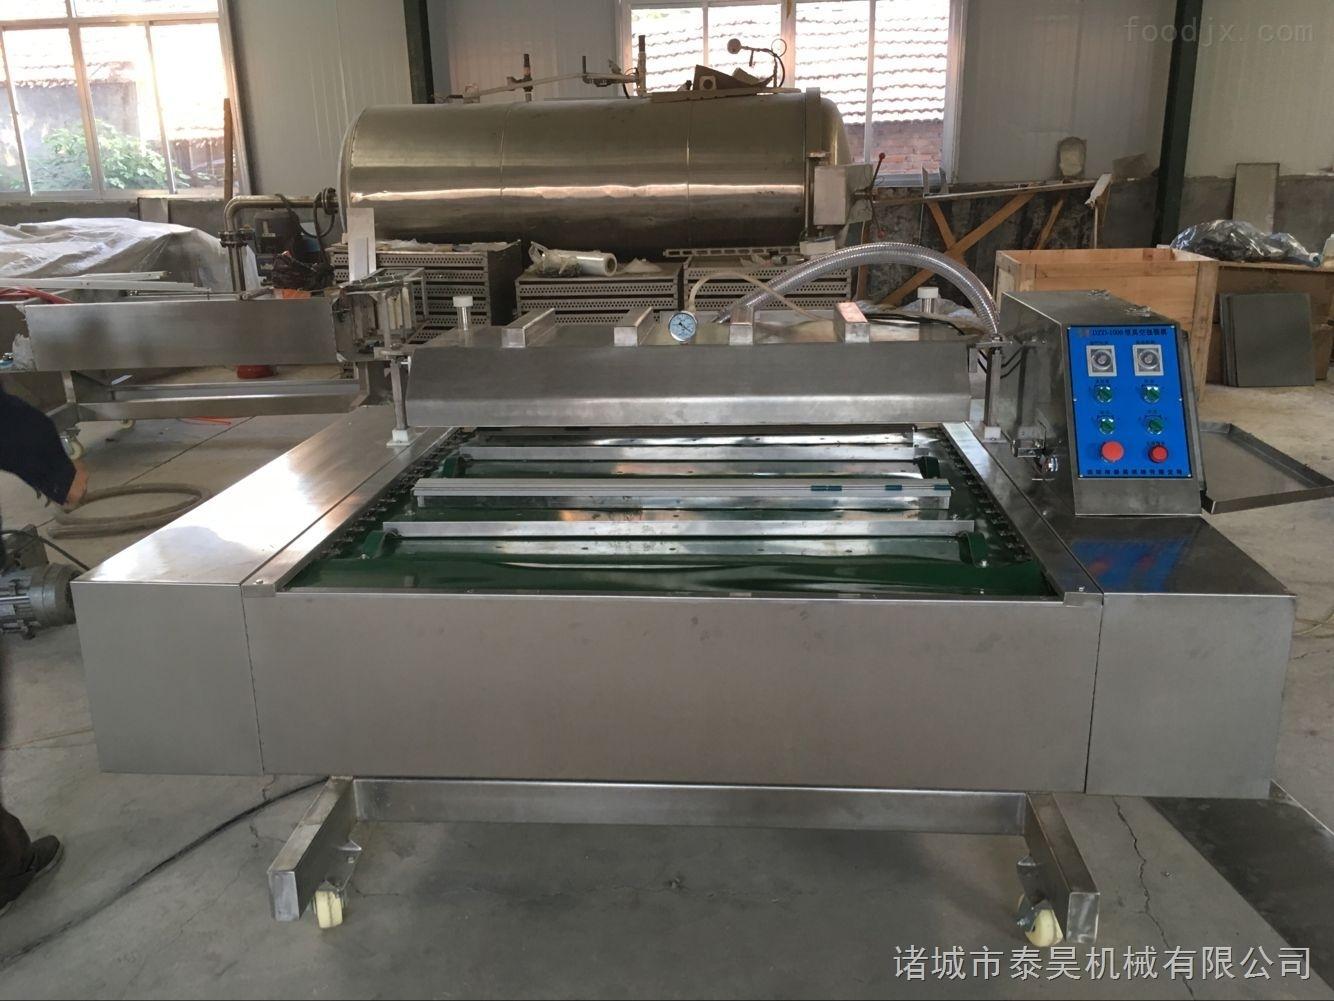 DZ-1000/1100泰昊專業定制豆制品真空包裝機 連續滾動式真空包裝機